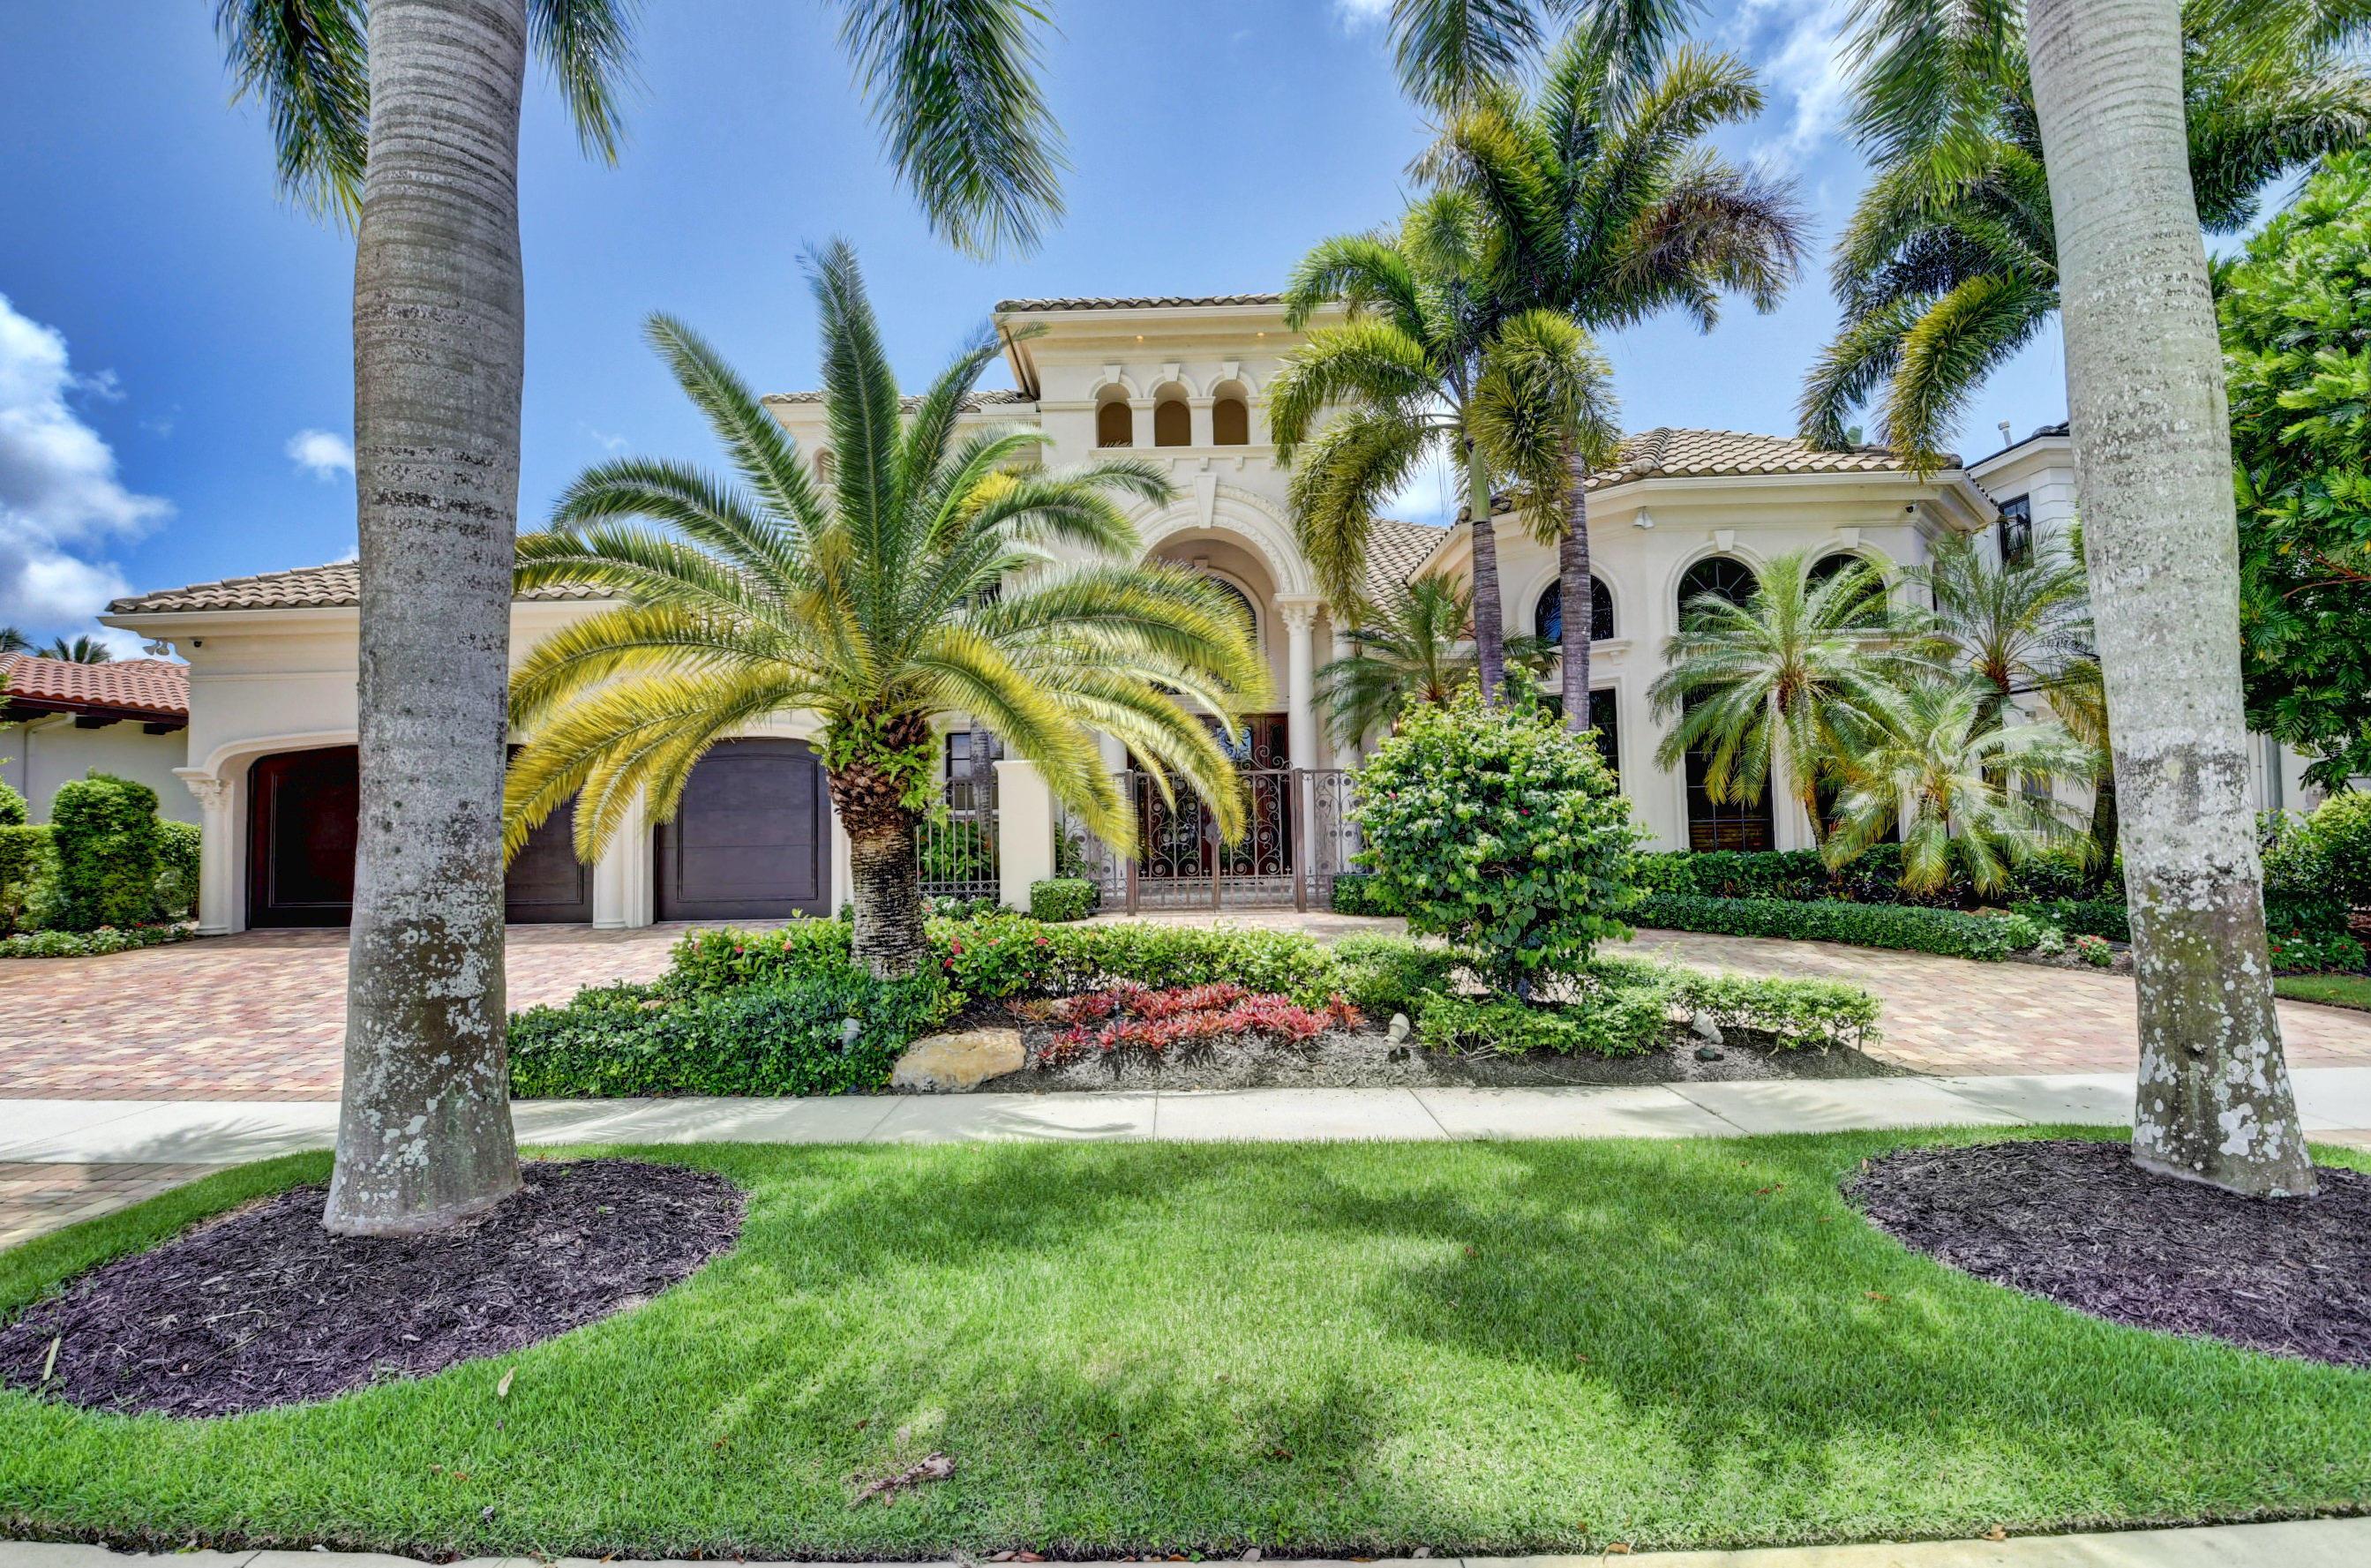 8406 Del Prado Drive, Delray Beach, Florida 33446, 4 Bedrooms Bedrooms, ,5.2 BathroomsBathrooms,Single Family Detached,For Sale,Del Prado,RX-10731551